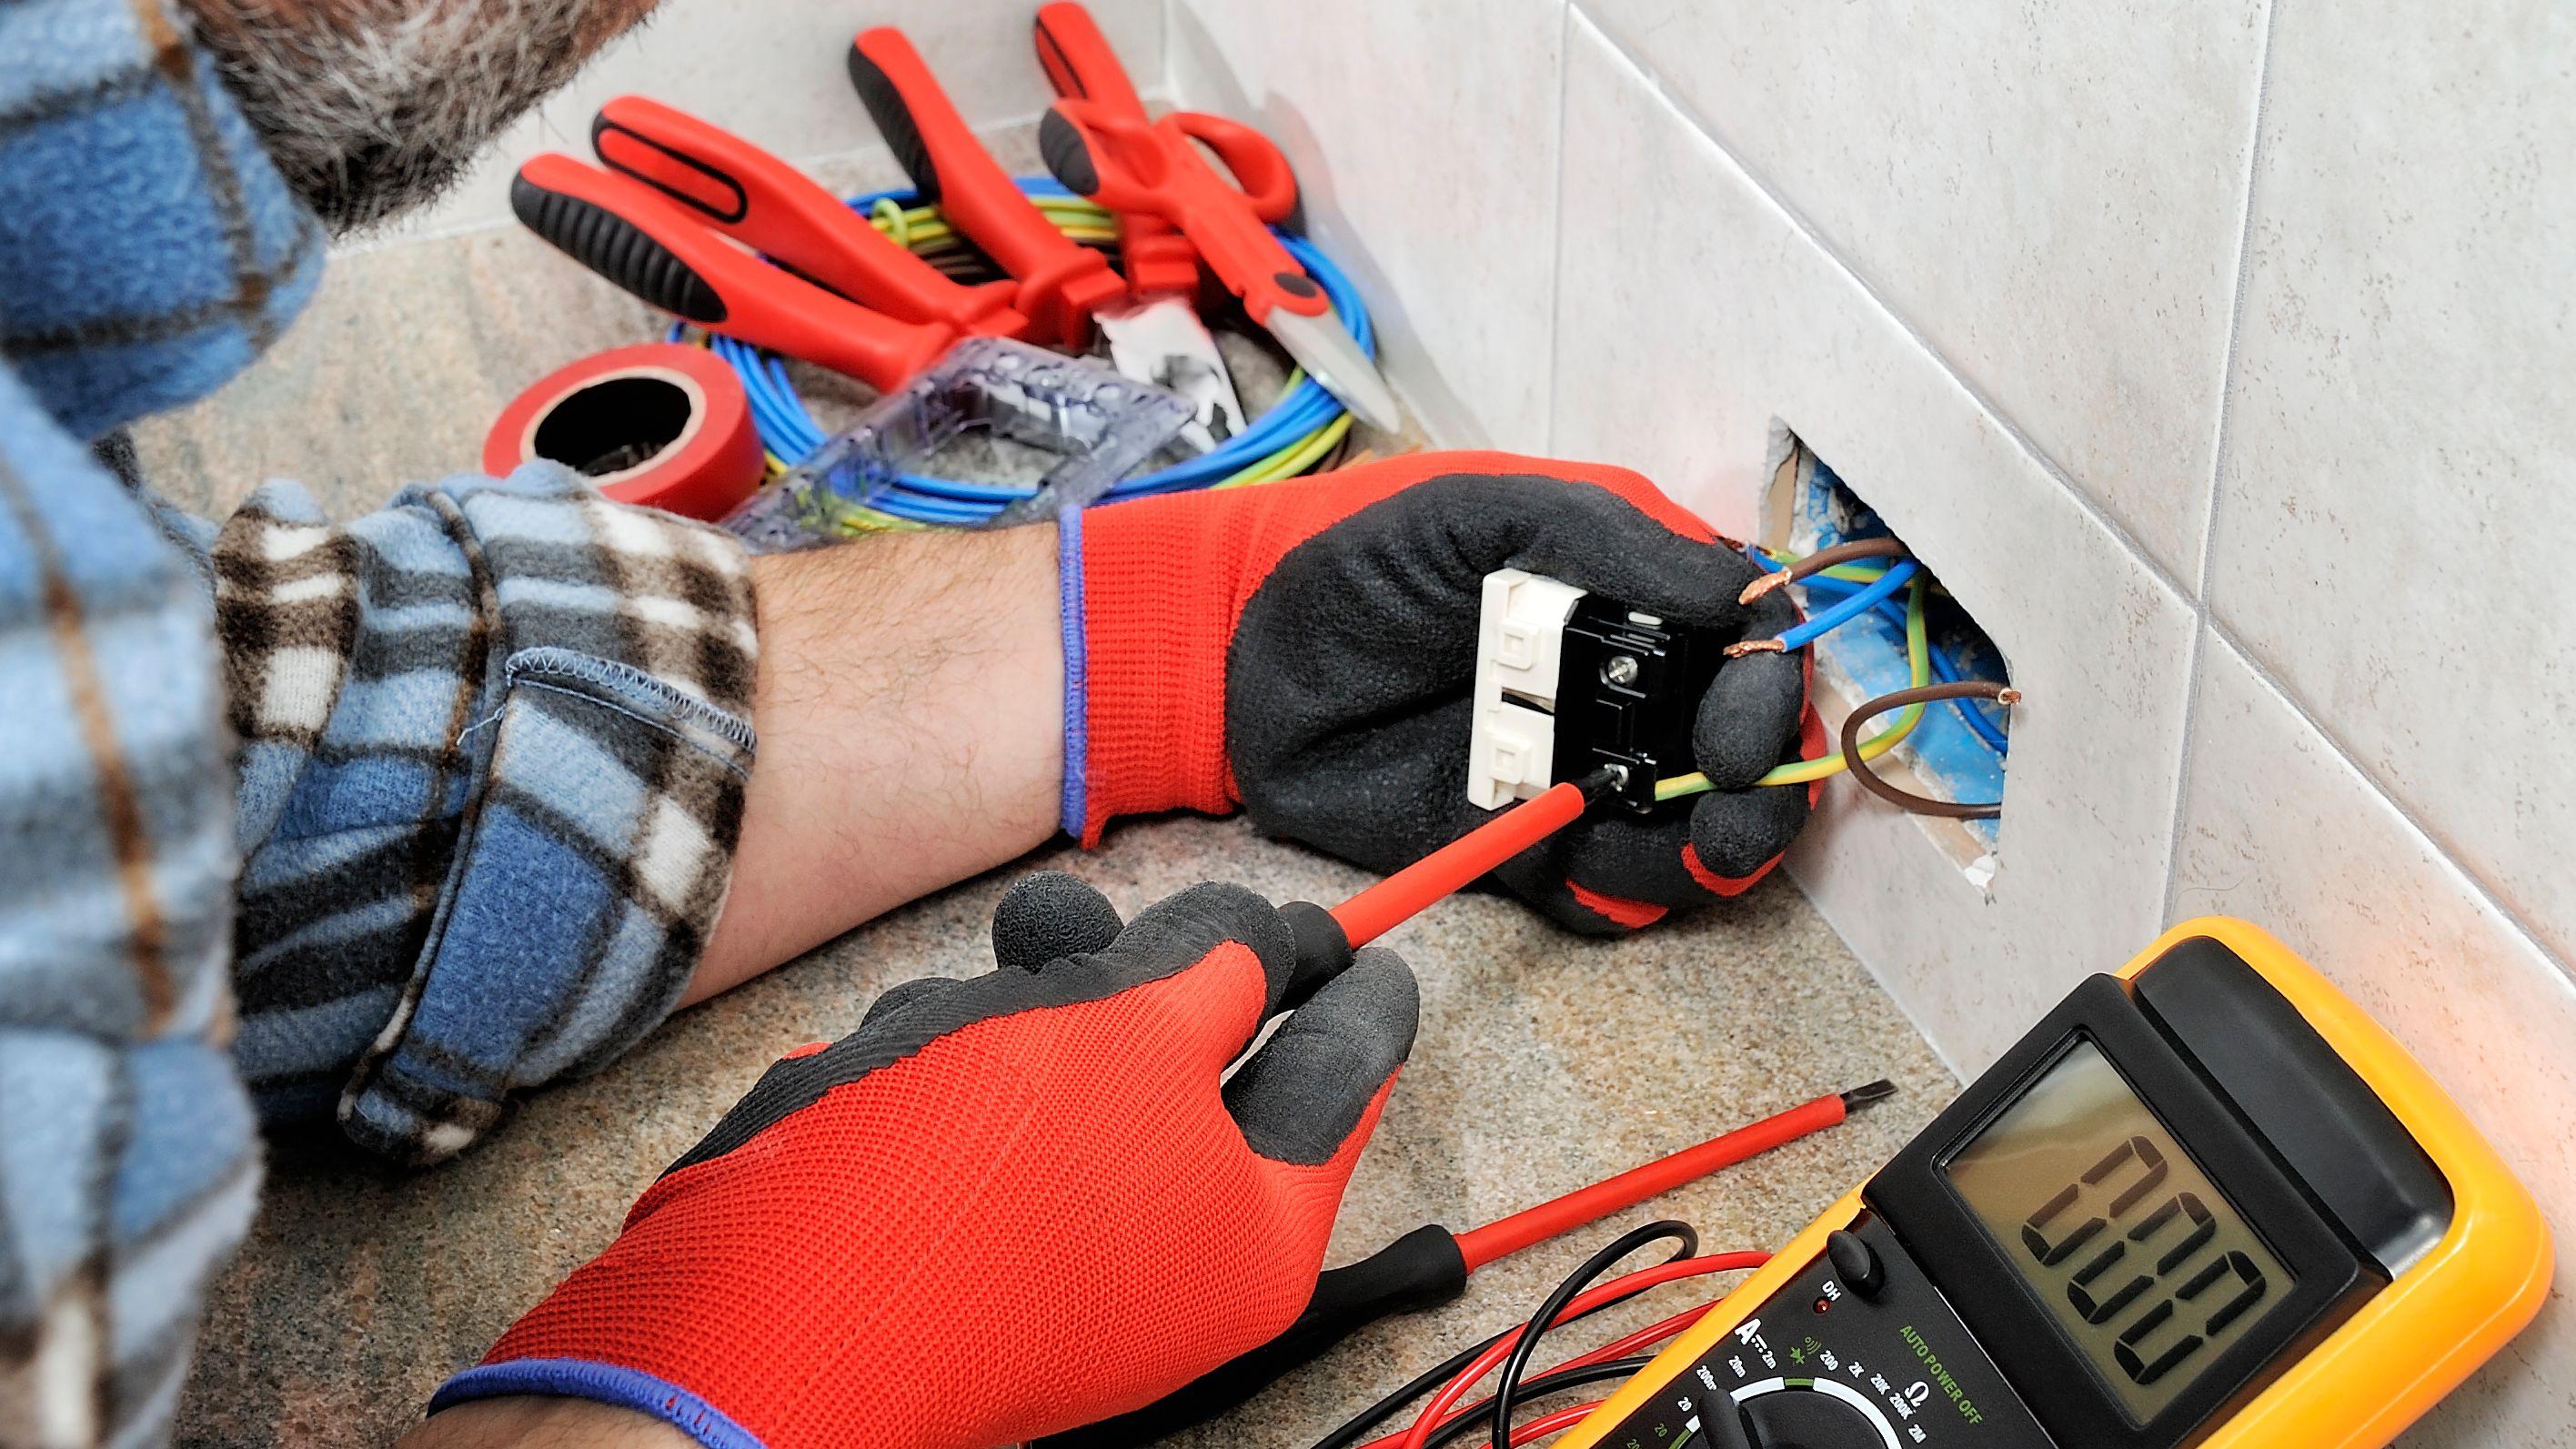 Comment choisir ses outils d'électricien